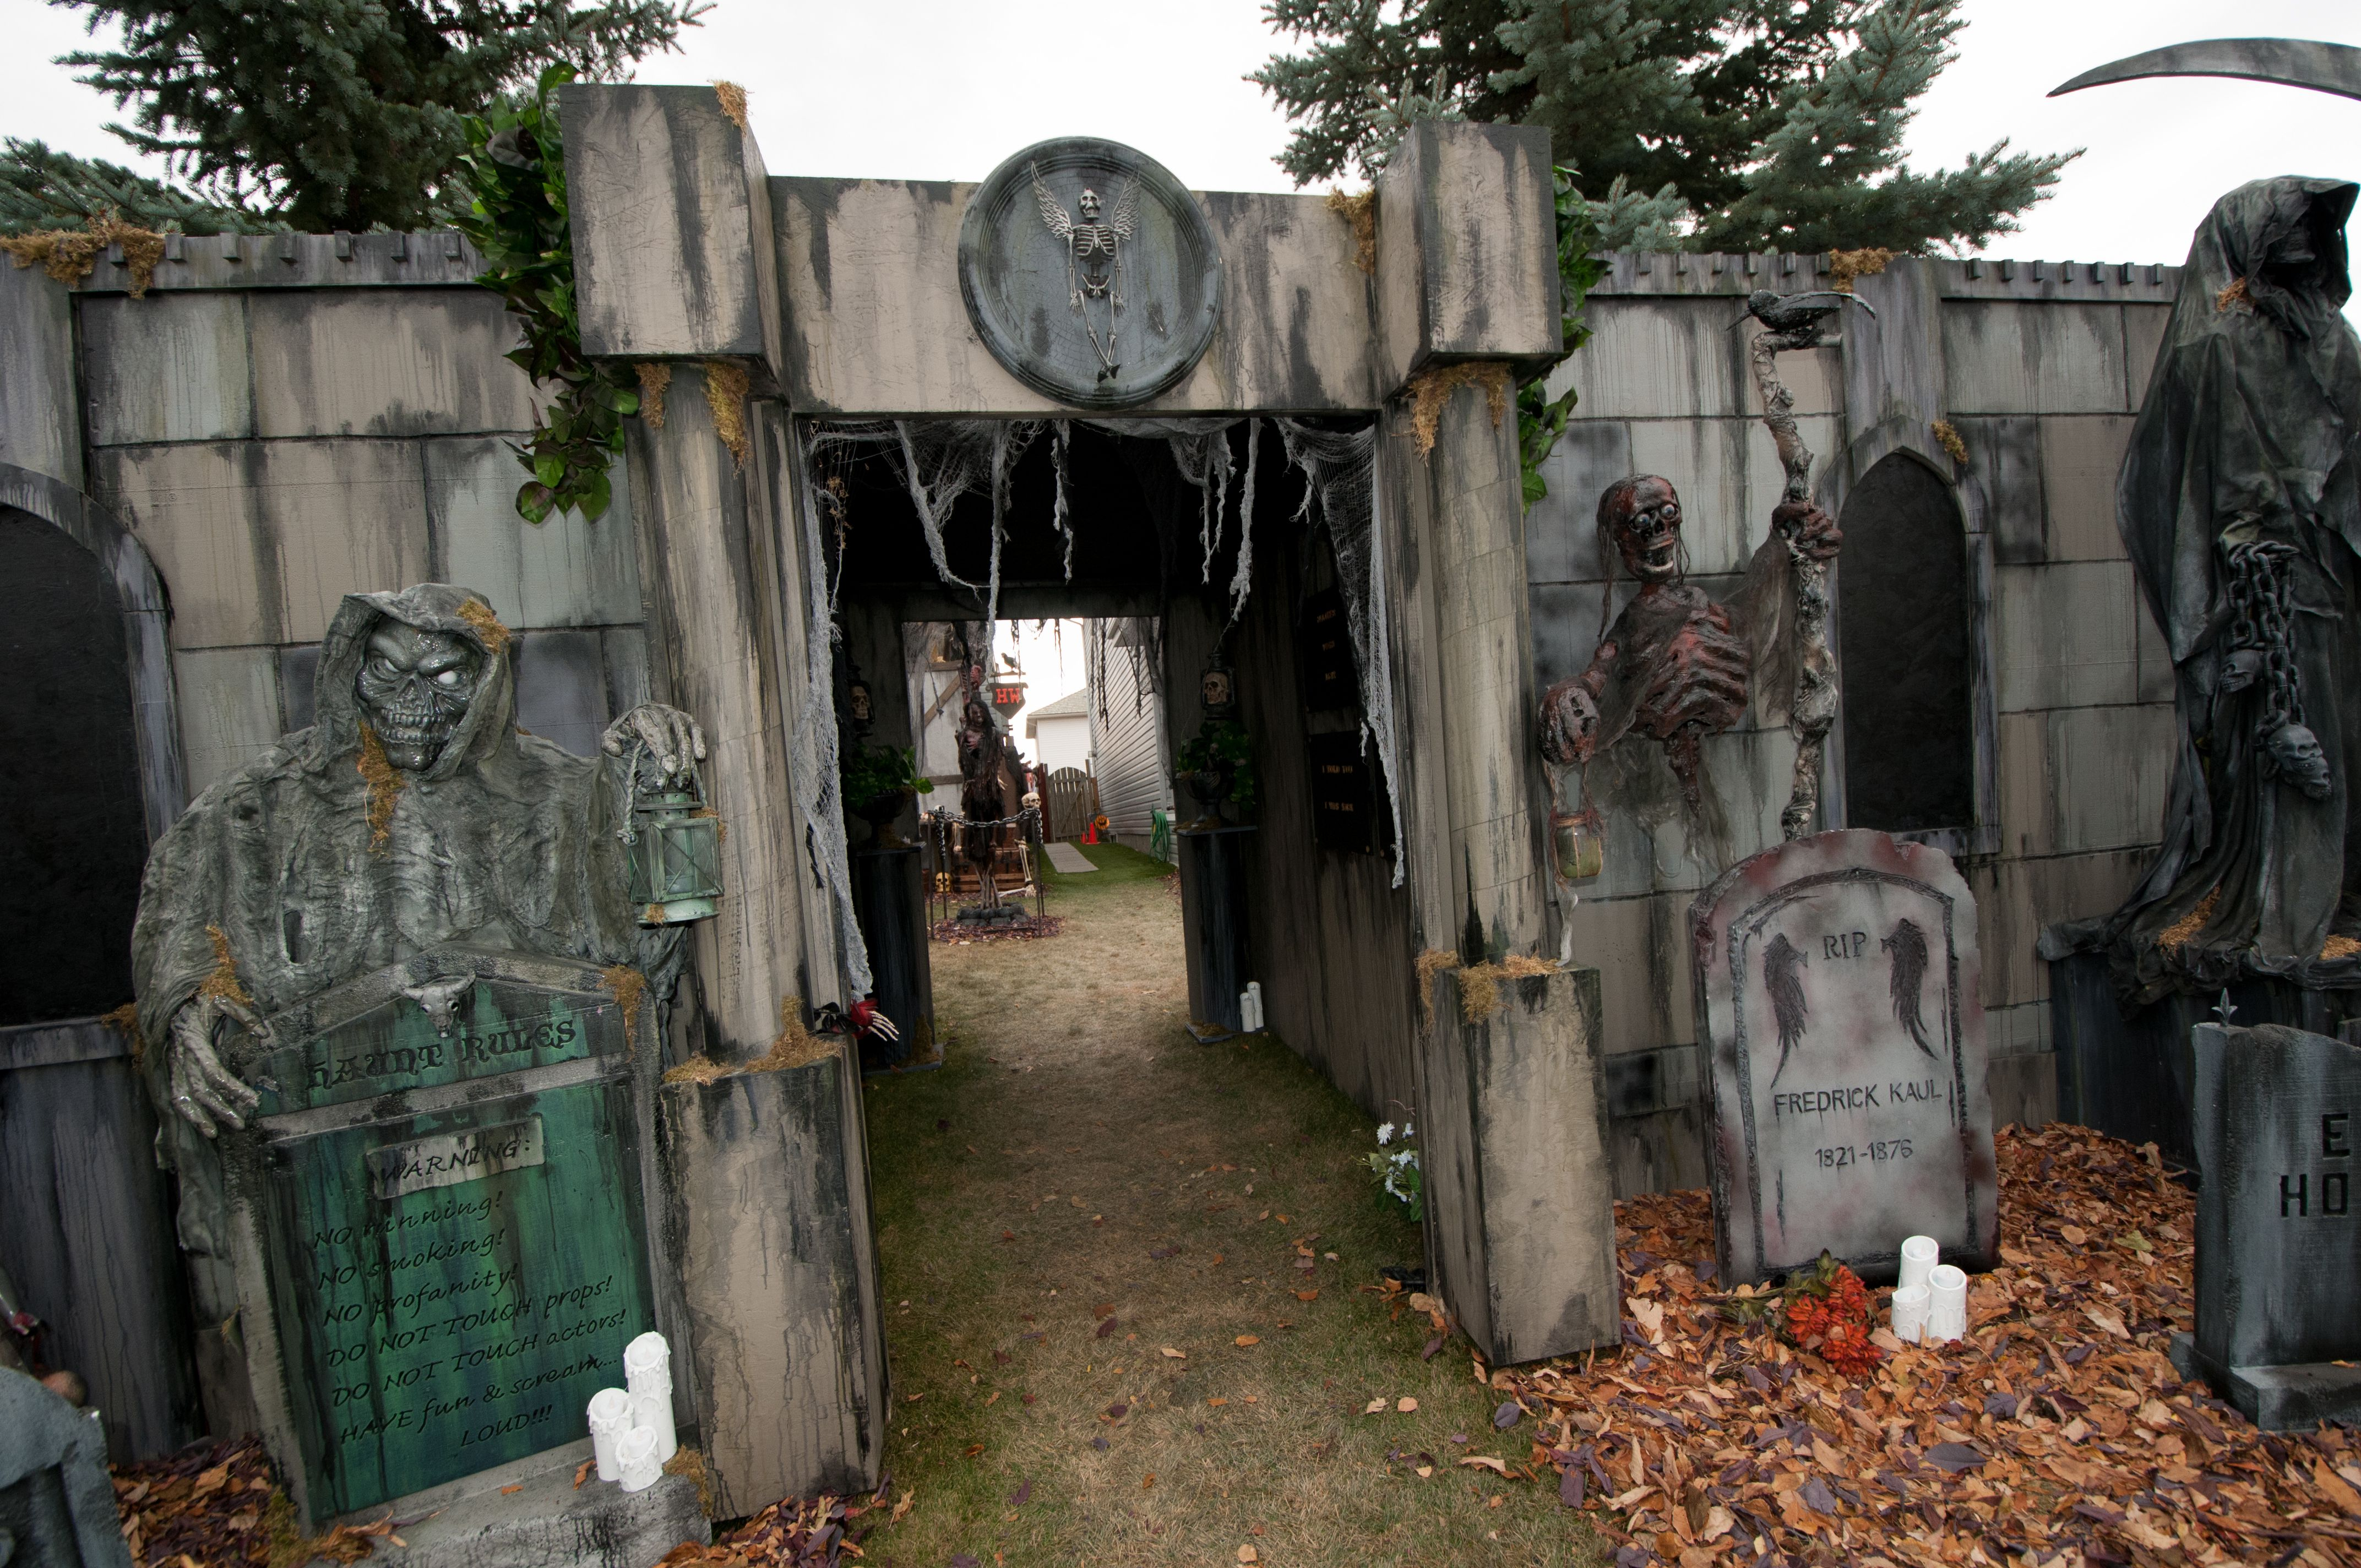 Cemetery Facade 2014 Facades Scenes Haunted